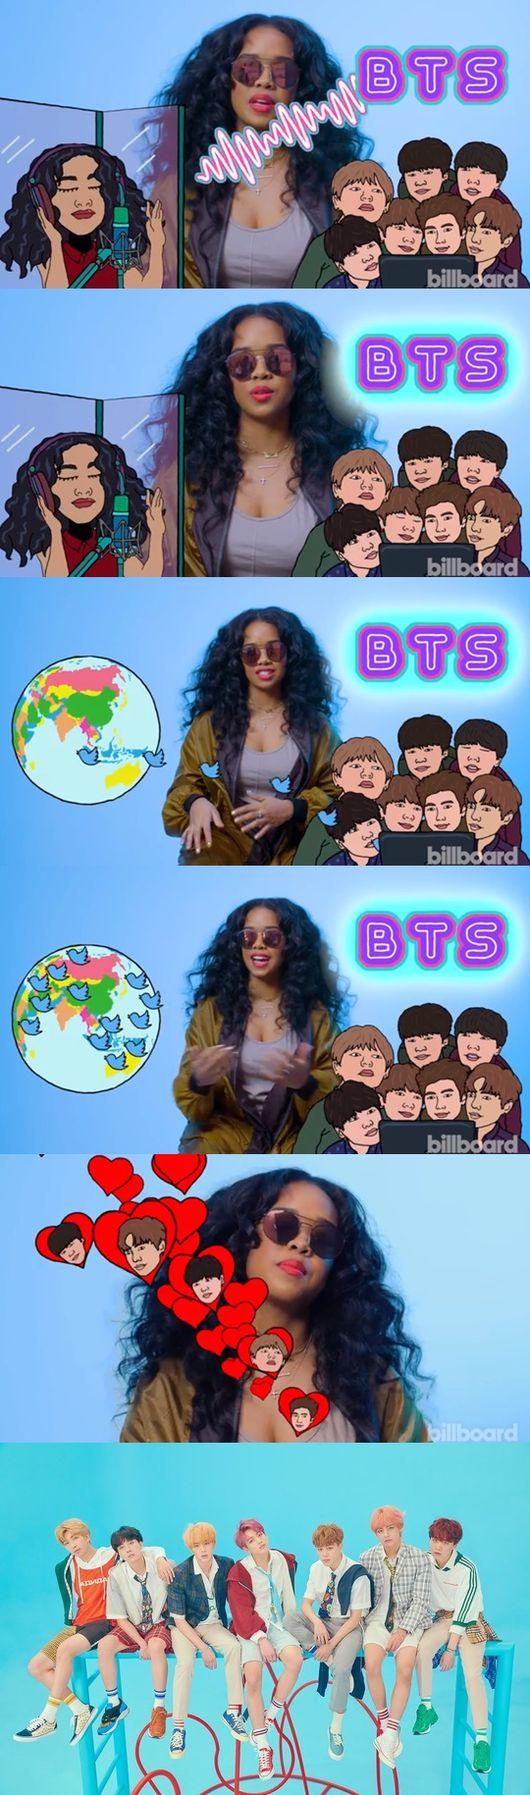 美 여가수 방탄소년단 트윗 덕에 신곡 인기폭발, I love BTS